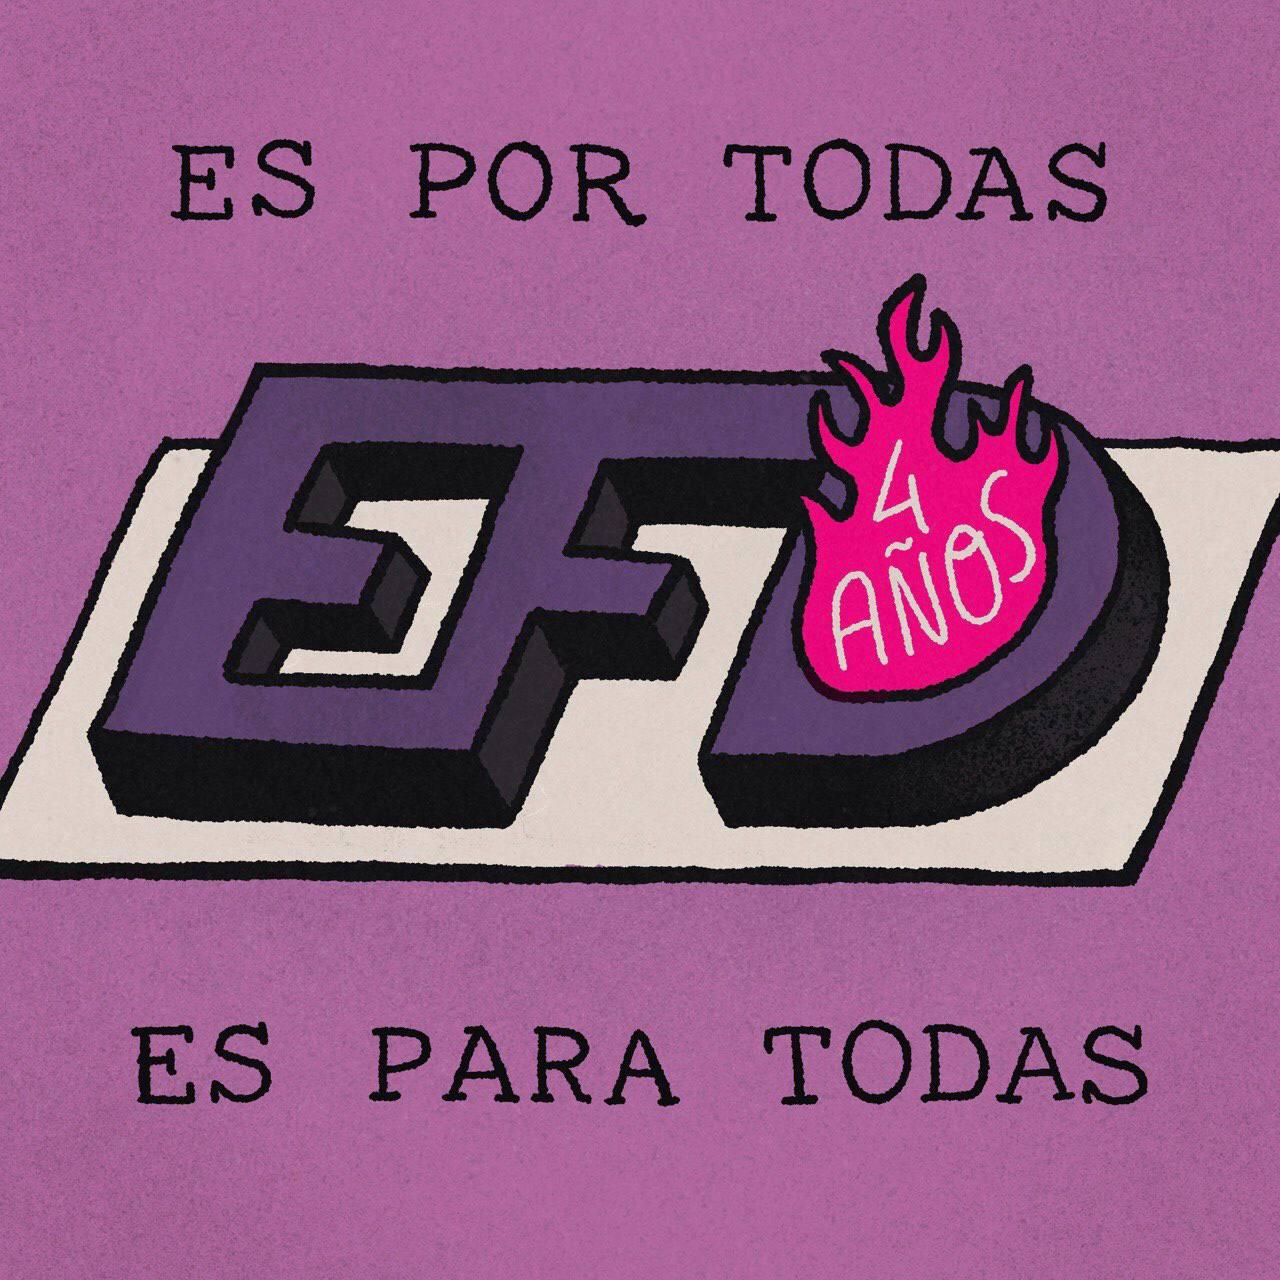 """Ilustracion de una torta violeta hecha con el logo con las iniciales EFD. Del centro de la D surge una llama magenta que con letras blancas dice """"4 años"""". Al rededor el texto """"Es por todas, es para todas""""."""